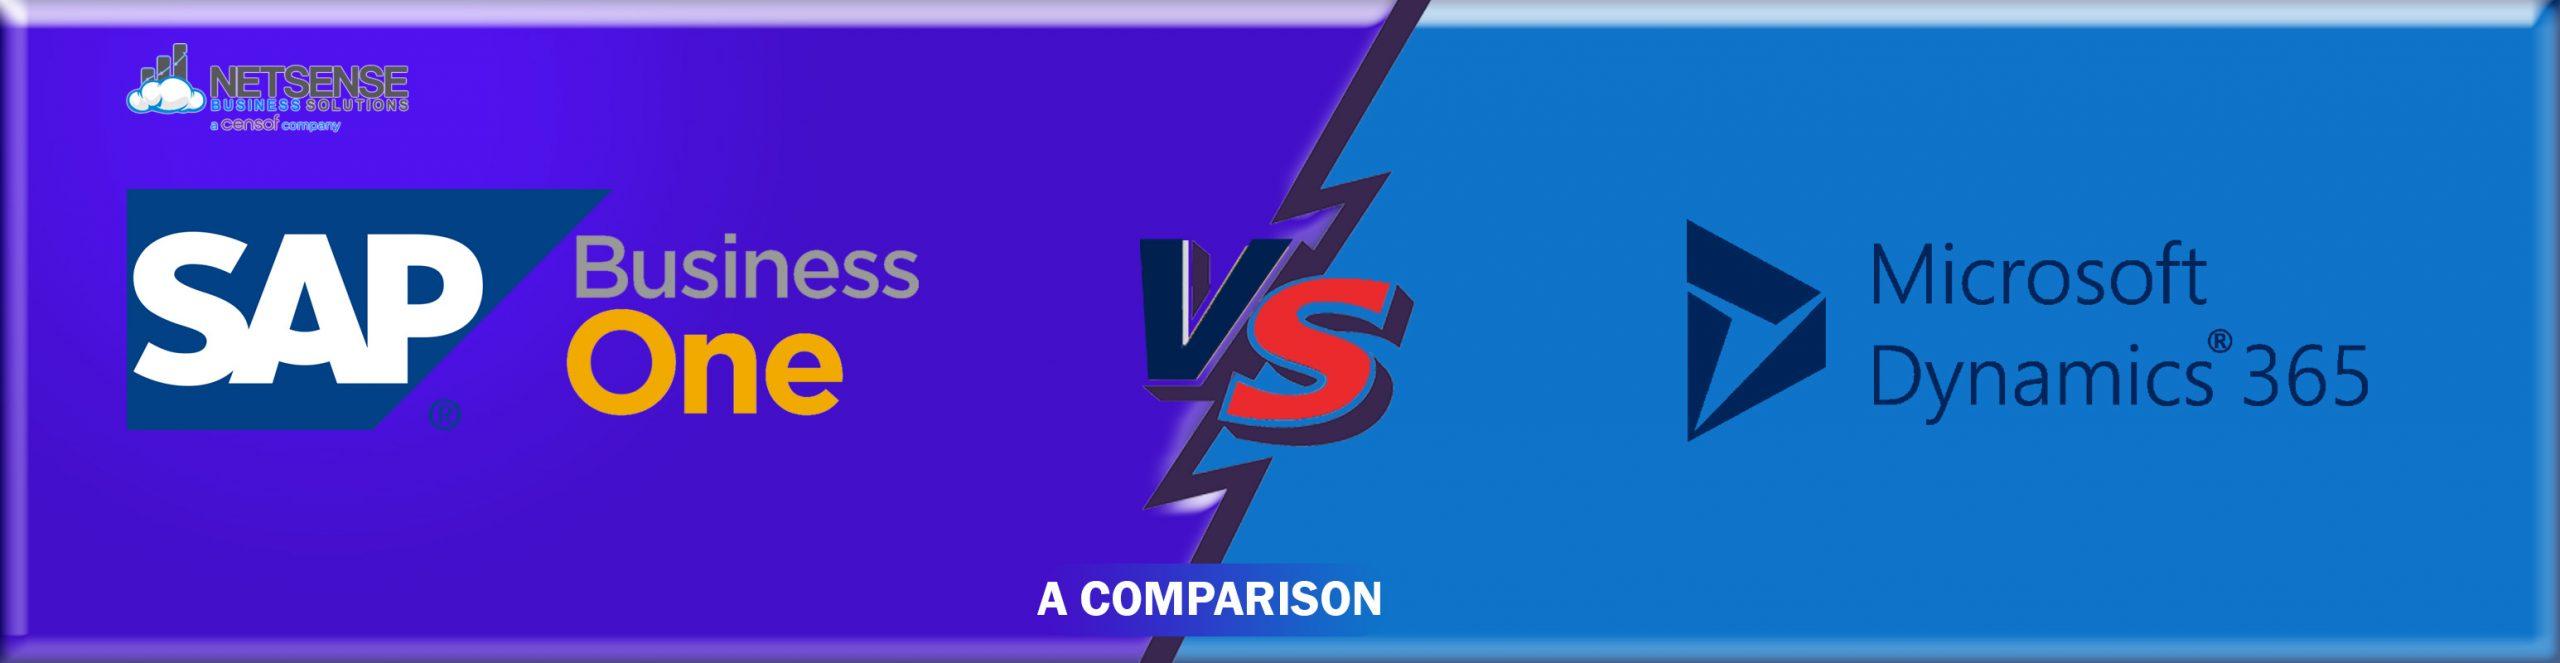 Dynamics 365 vs SAP Business One Comparison